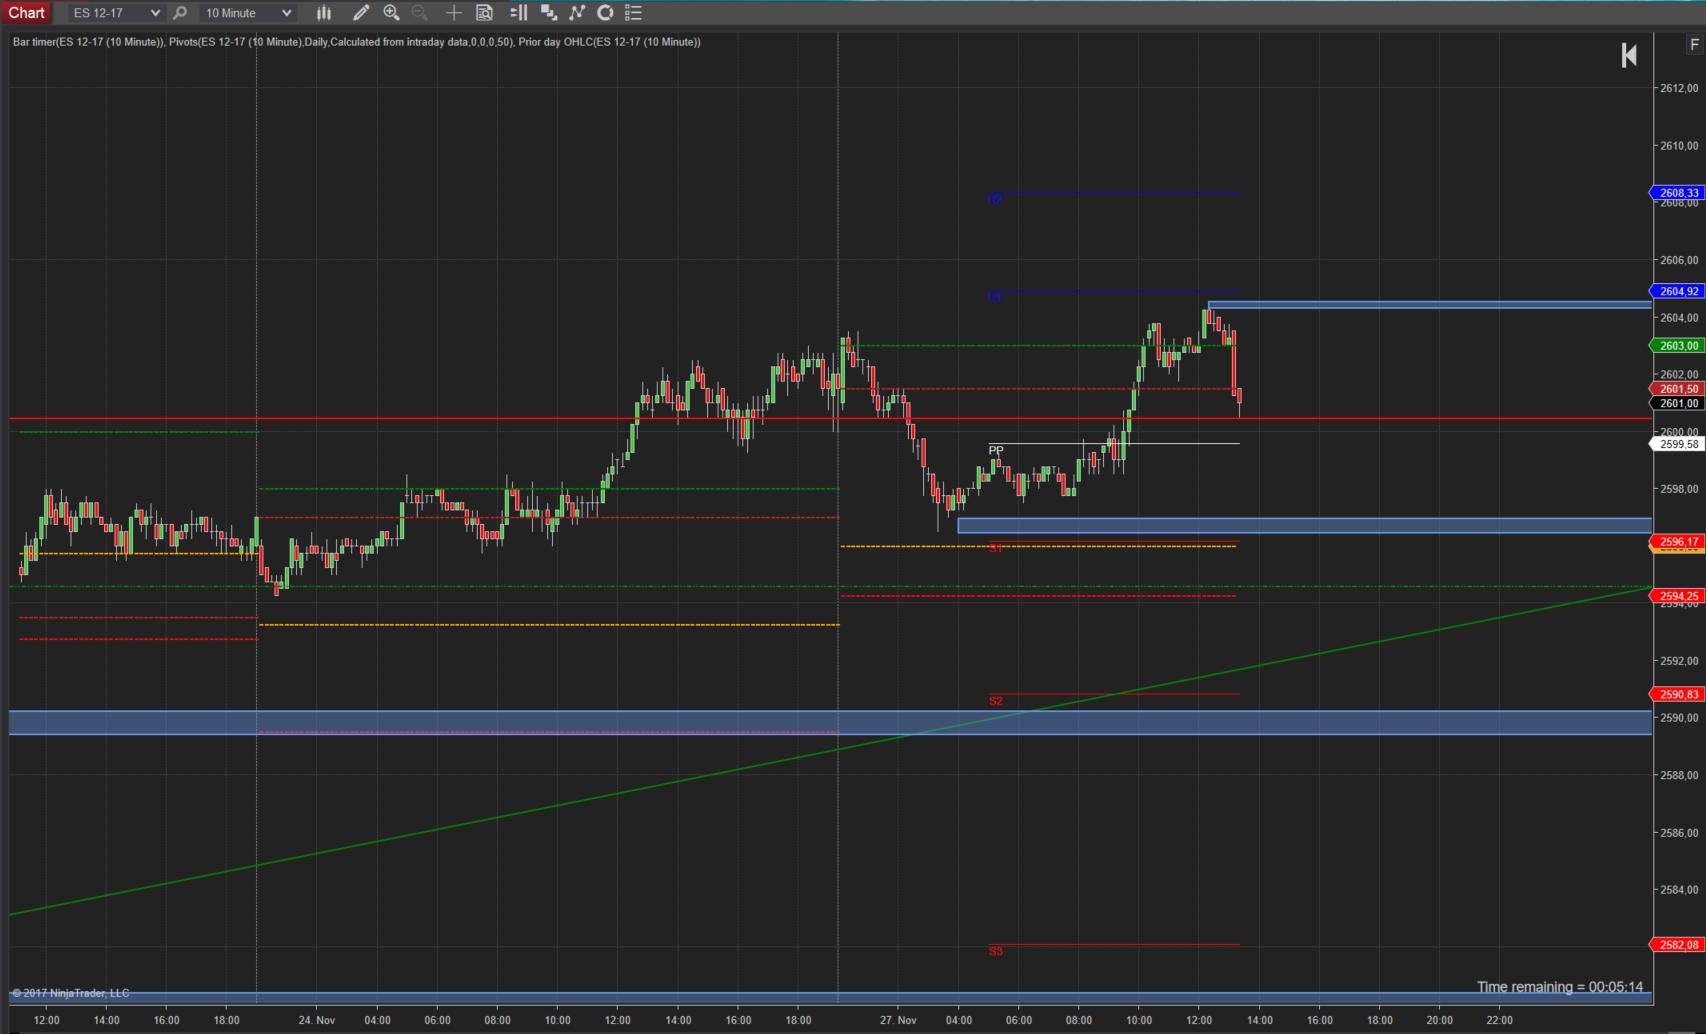 Trading im SPX -Vom ATH zum neuen ATH